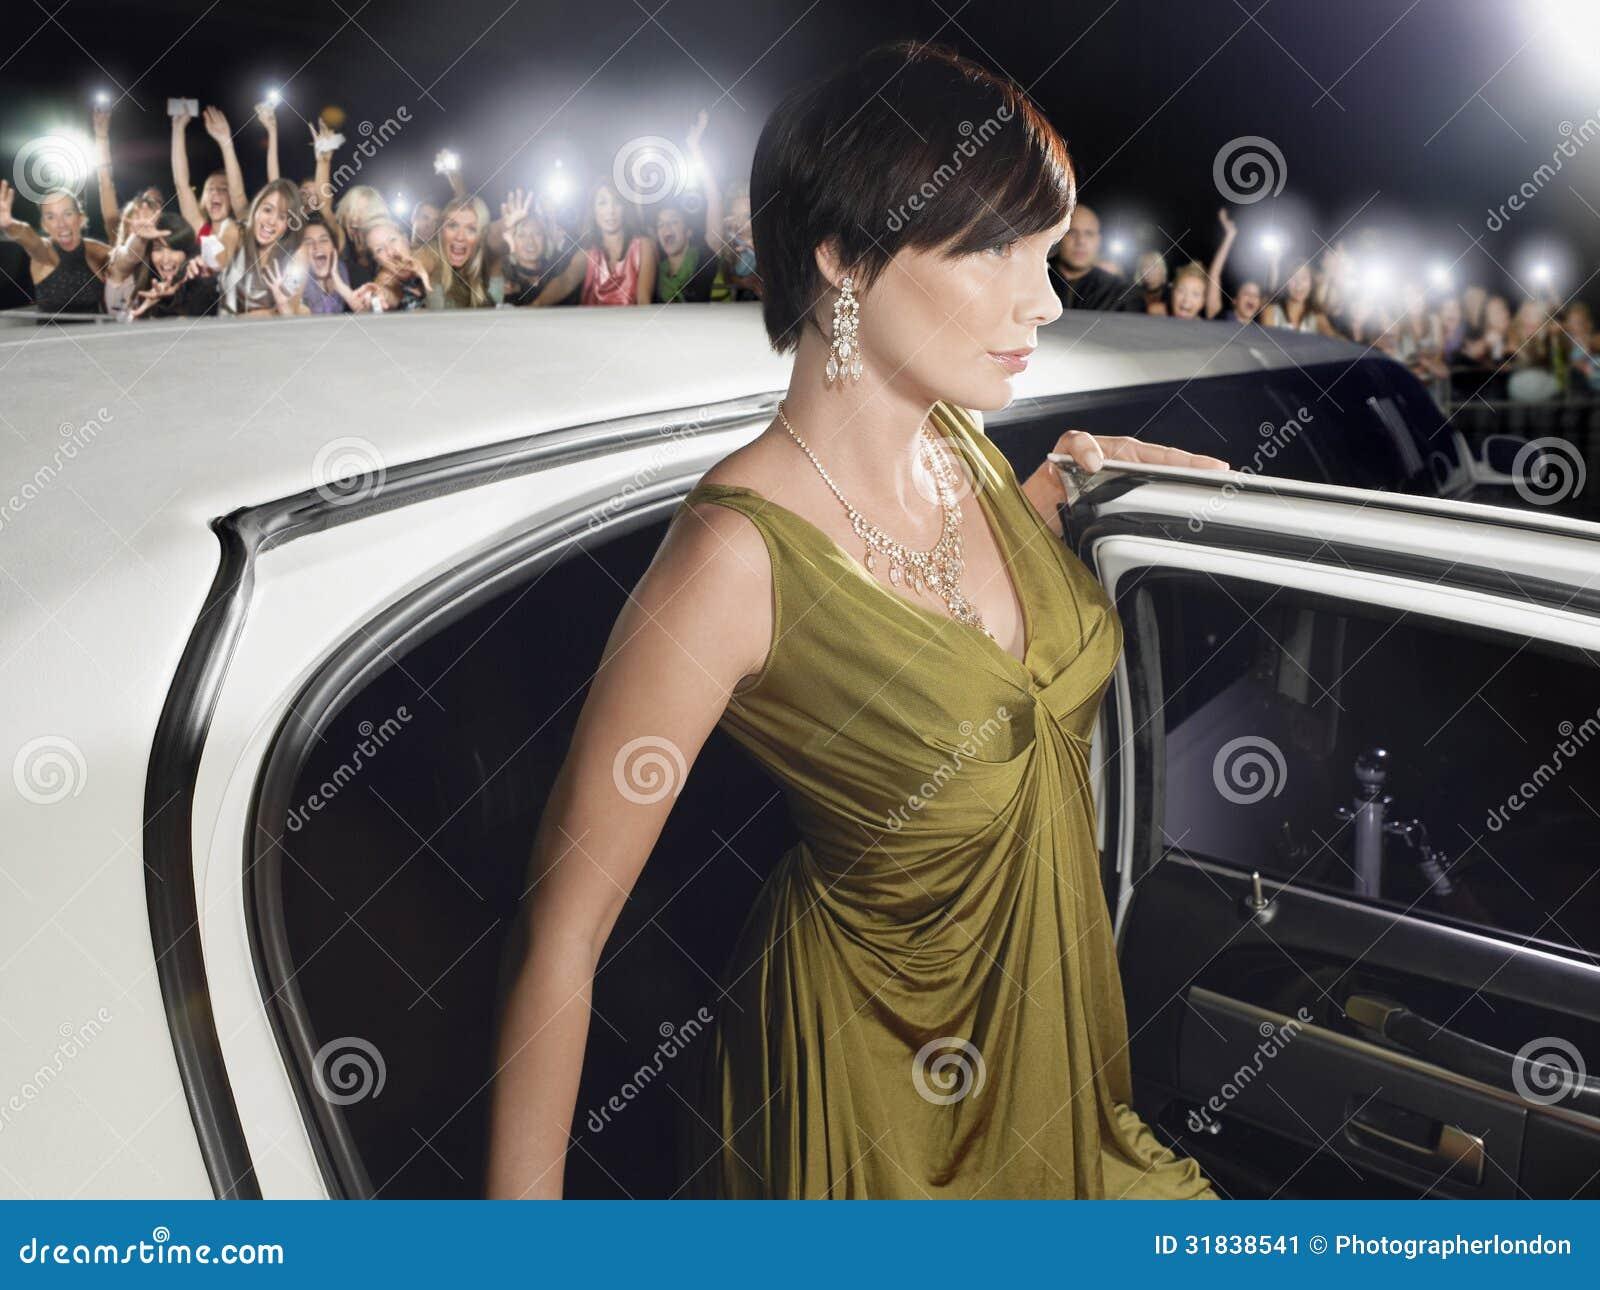 妇女离开在爱好者和无固定职业的摄影师前面的大型高级轿车